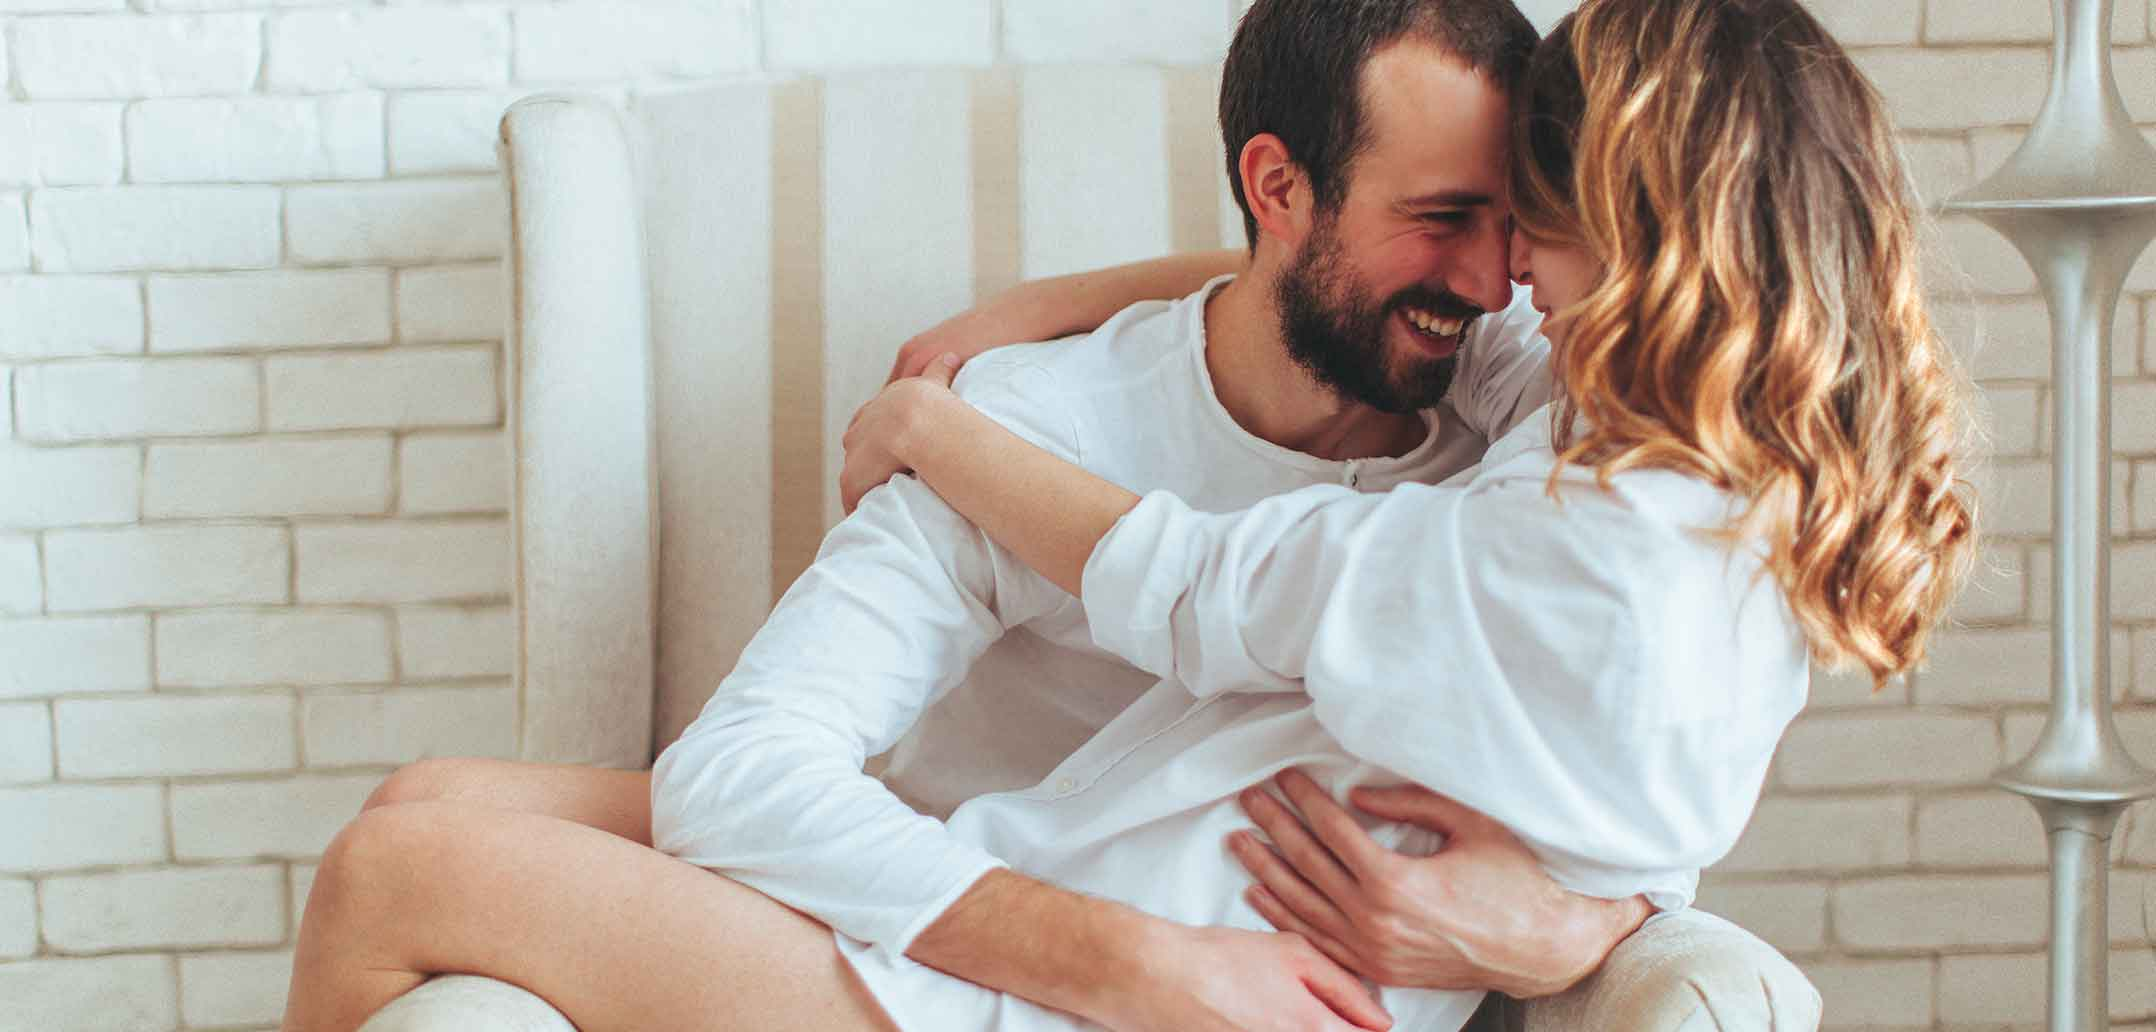 Sex als Druckmittel? Bloß nicht